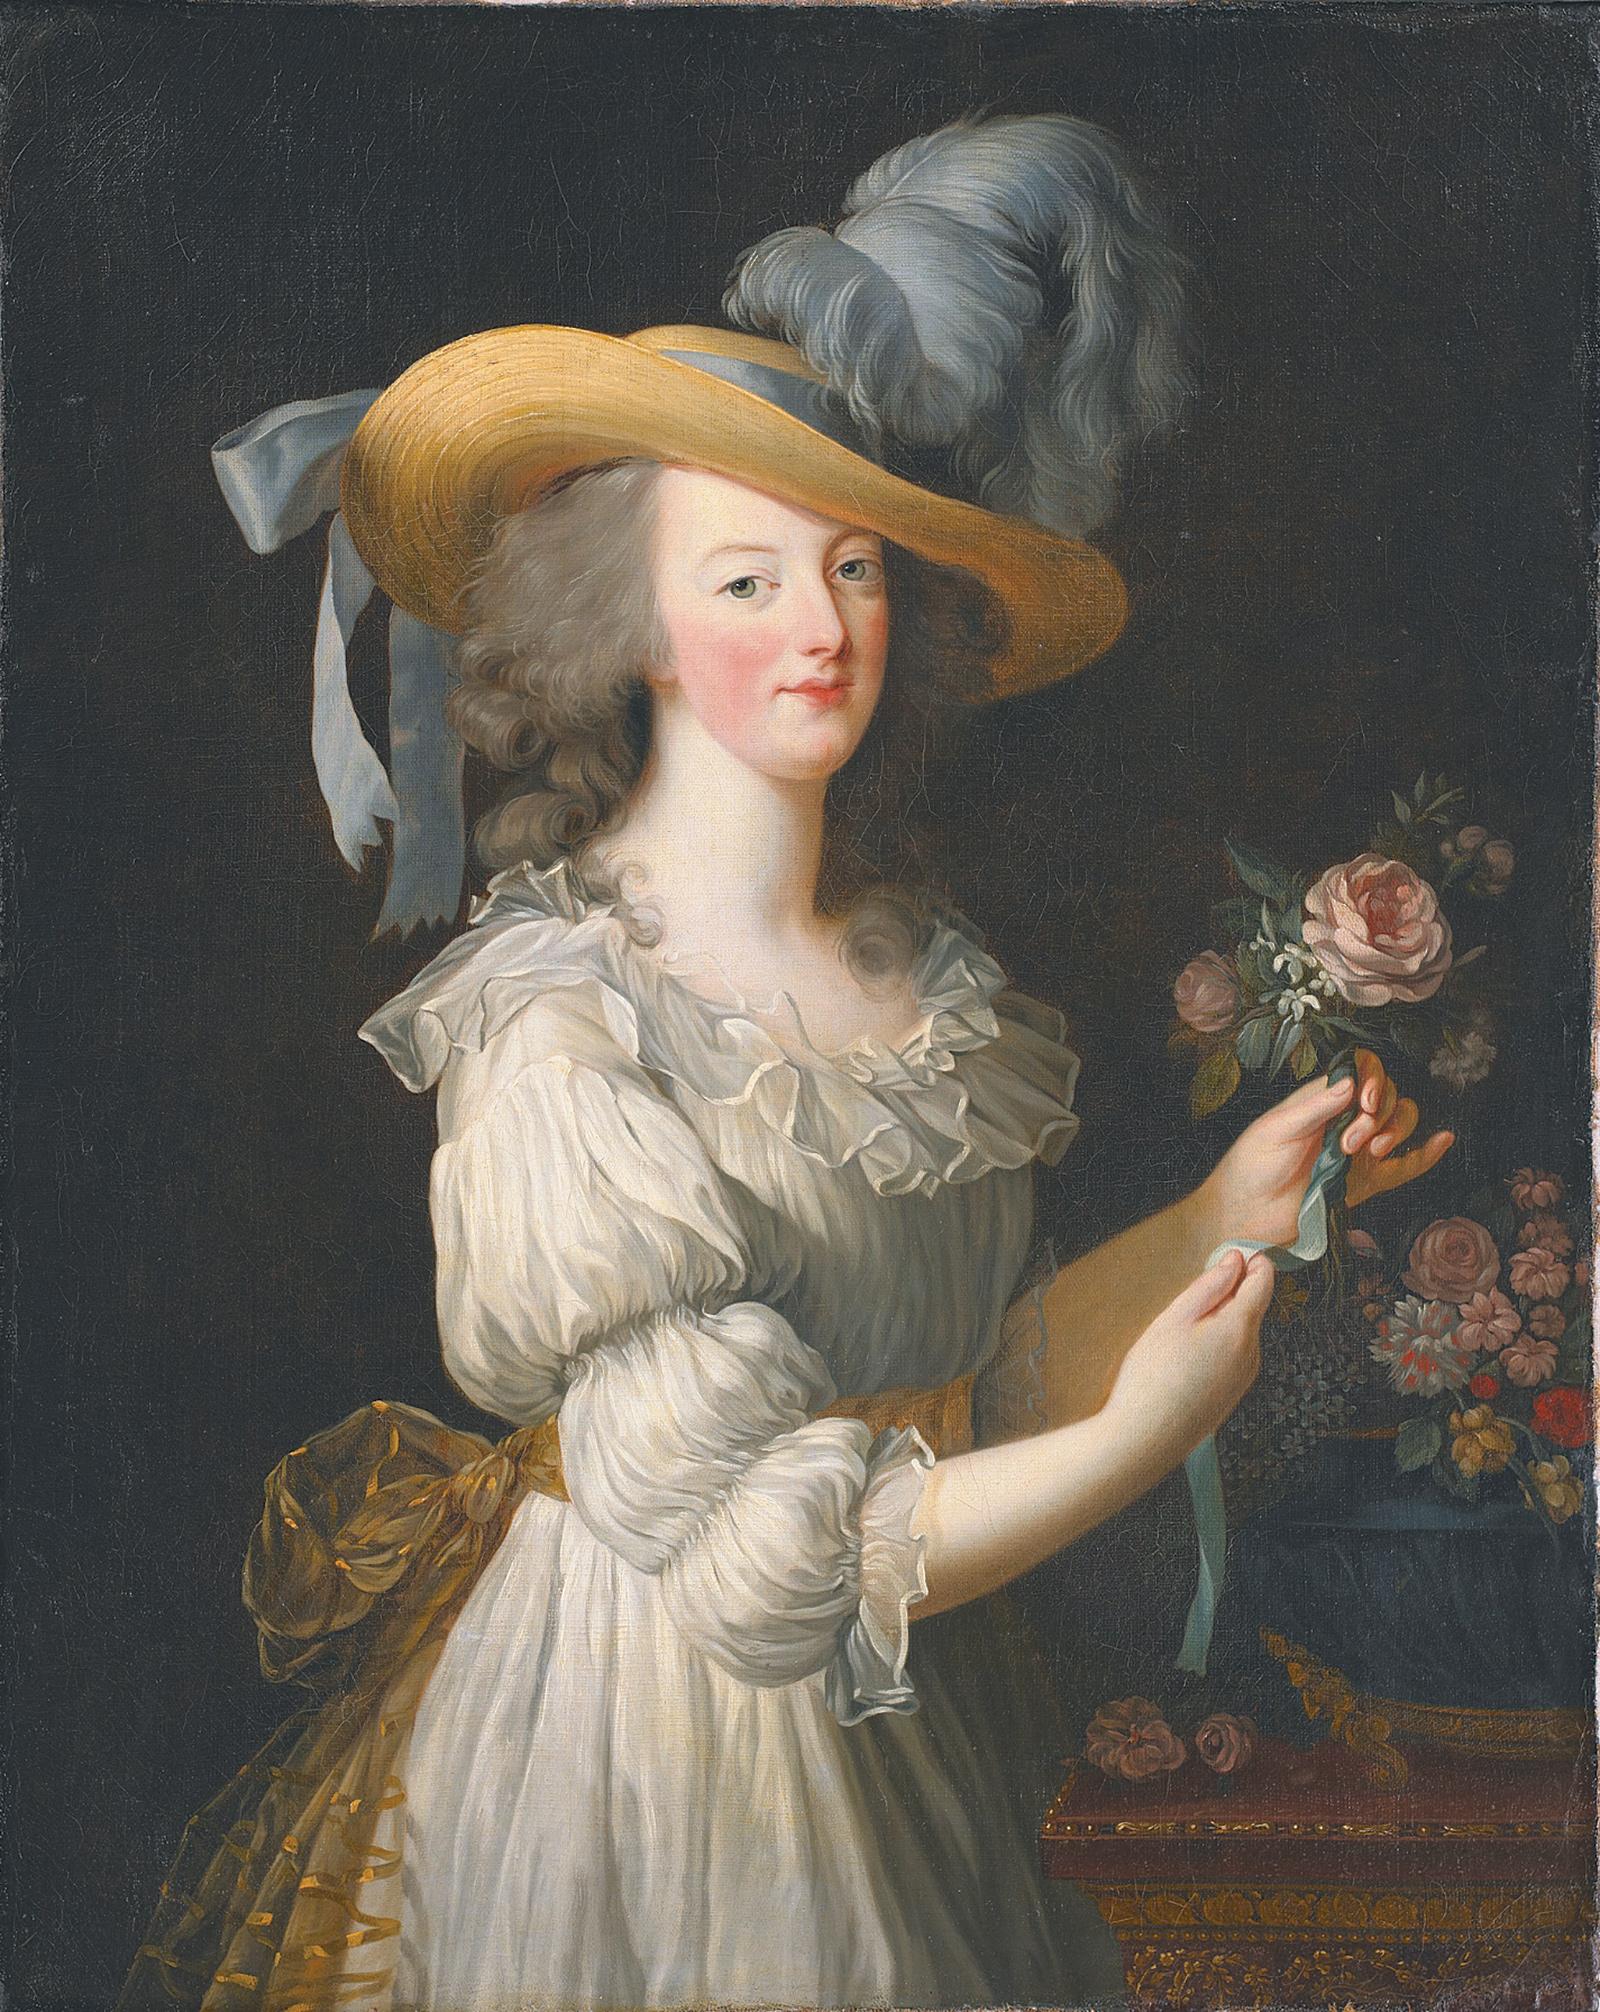 Élisabeth Louise Vigée Le Brun: Marie Antoinette in a Chemise Dress, 1783